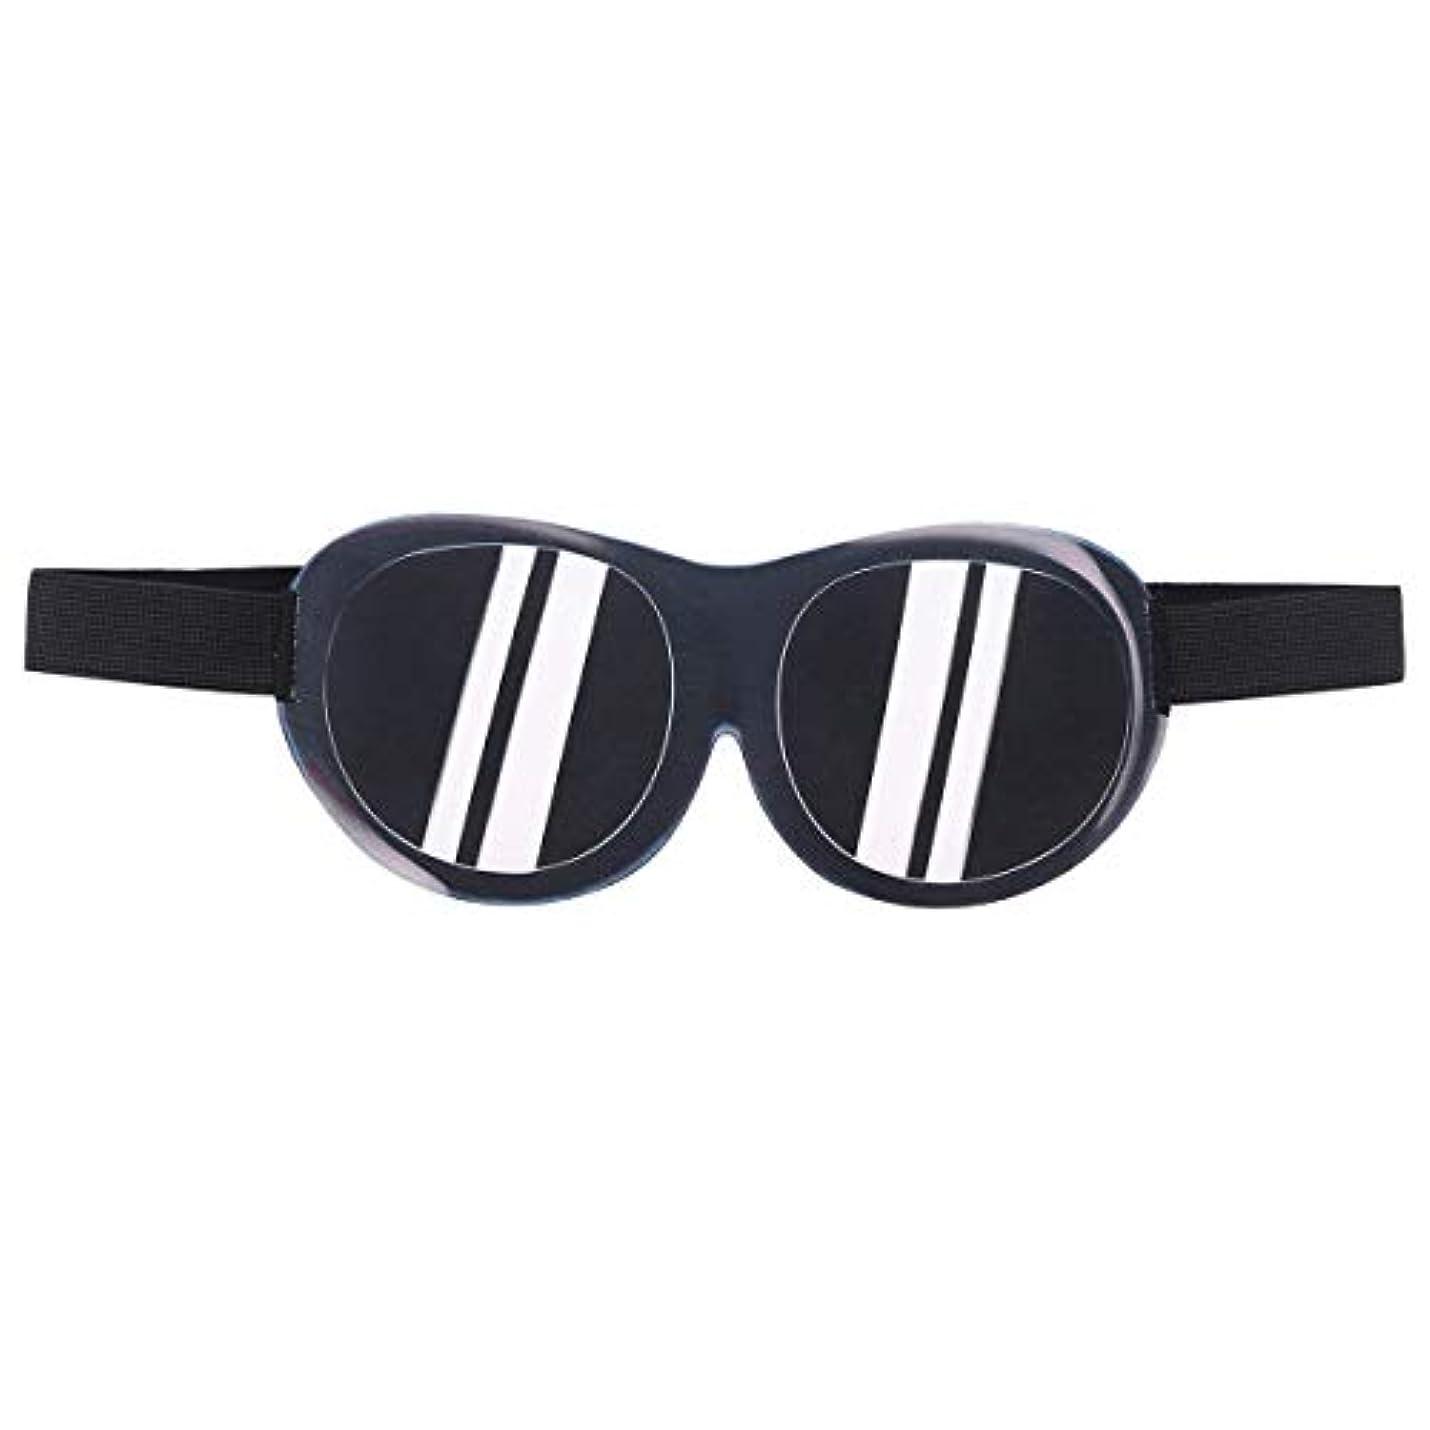 命令甥抜け目がないHealifty 睡眠目隠し3D面白いアイシェード通気性睡眠マスク旅行睡眠ヘルパーアイシェード用男性と女性